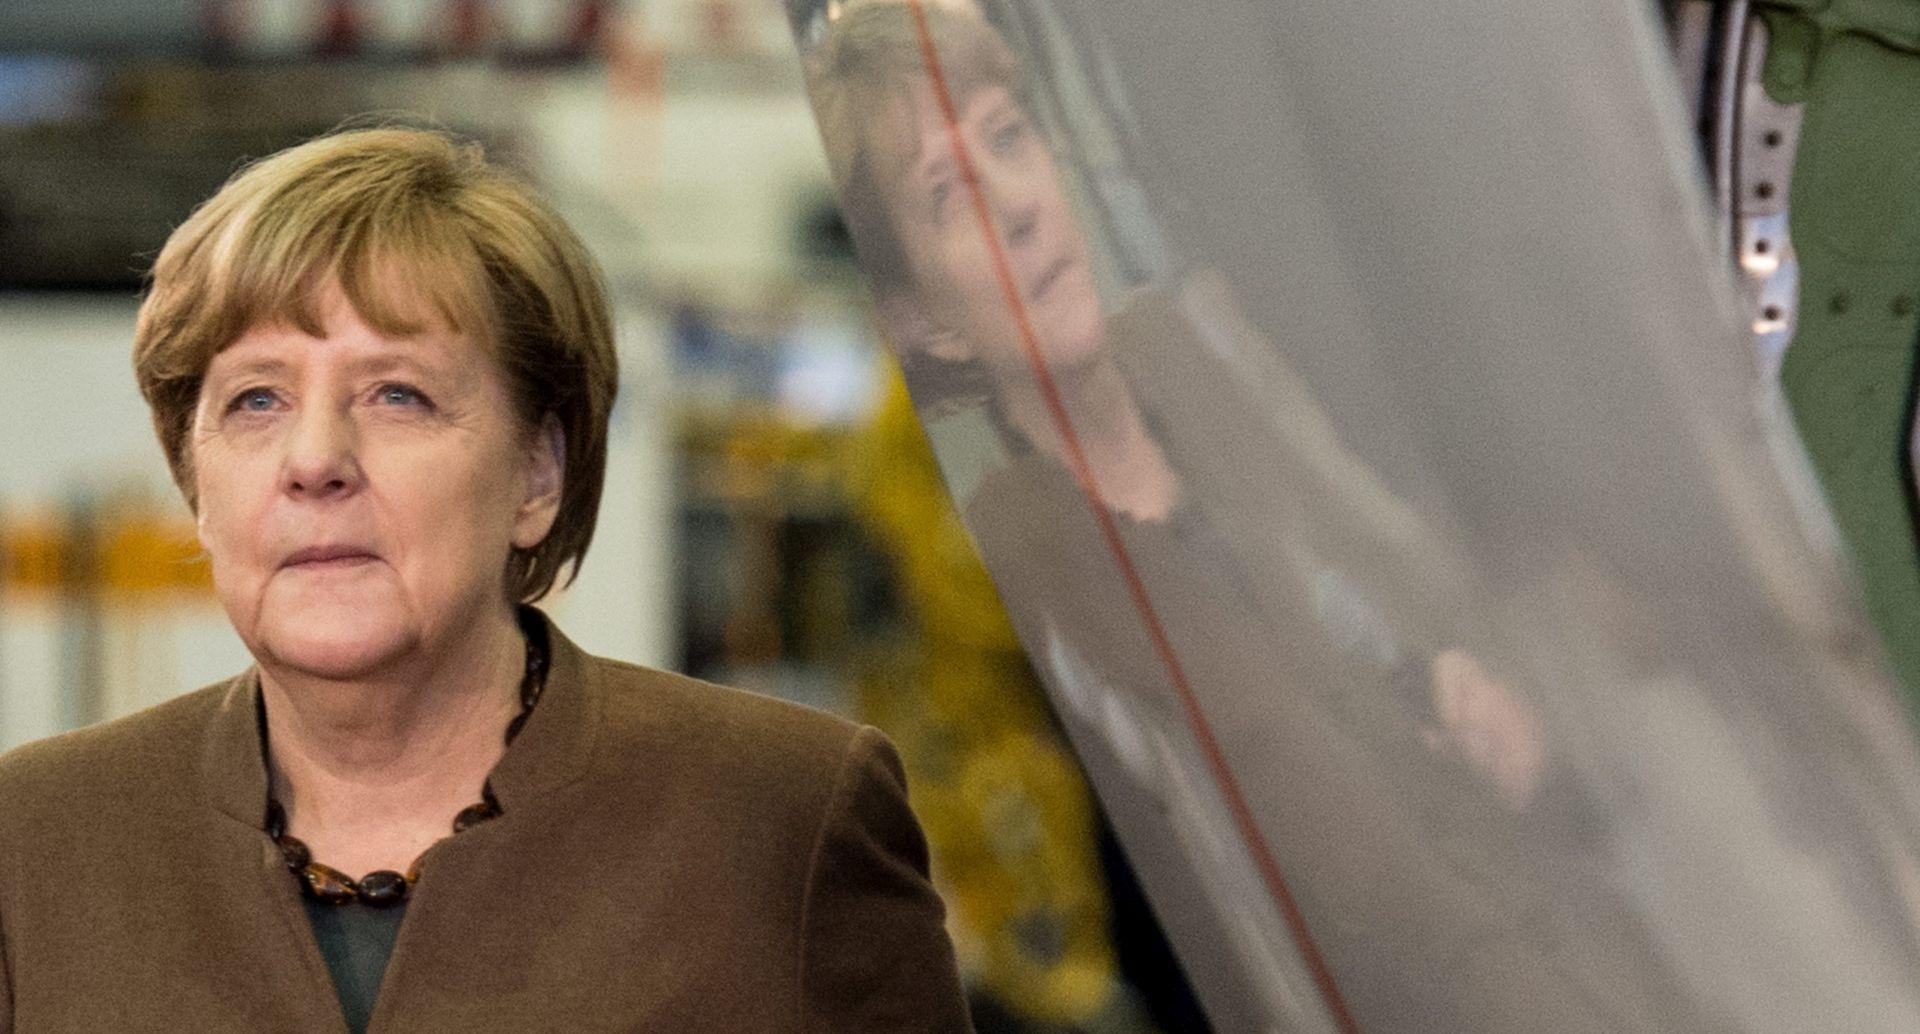 OTKAZAN POSJET: Merkel neće doći u Tursku 16. travnja